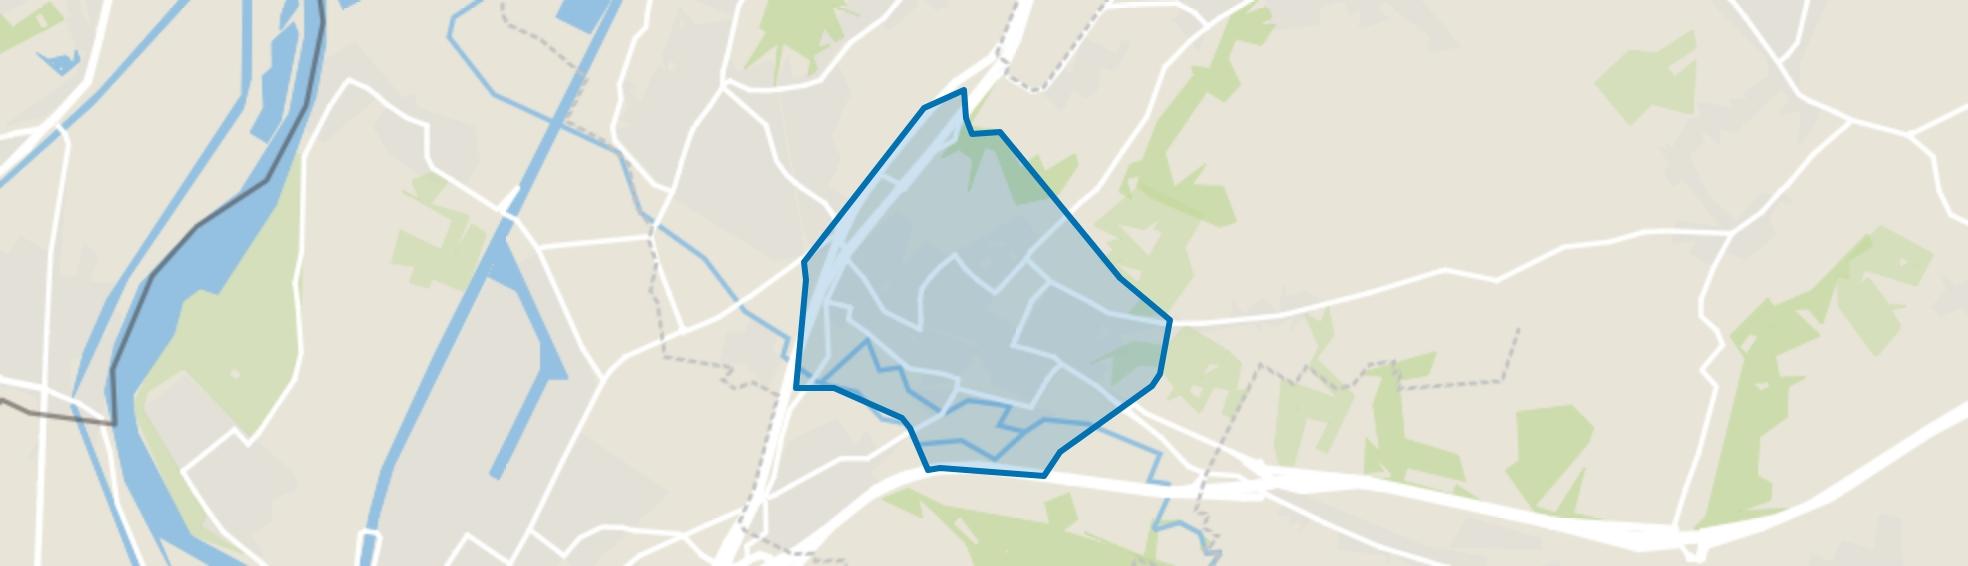 Meerssen, Meerssen map